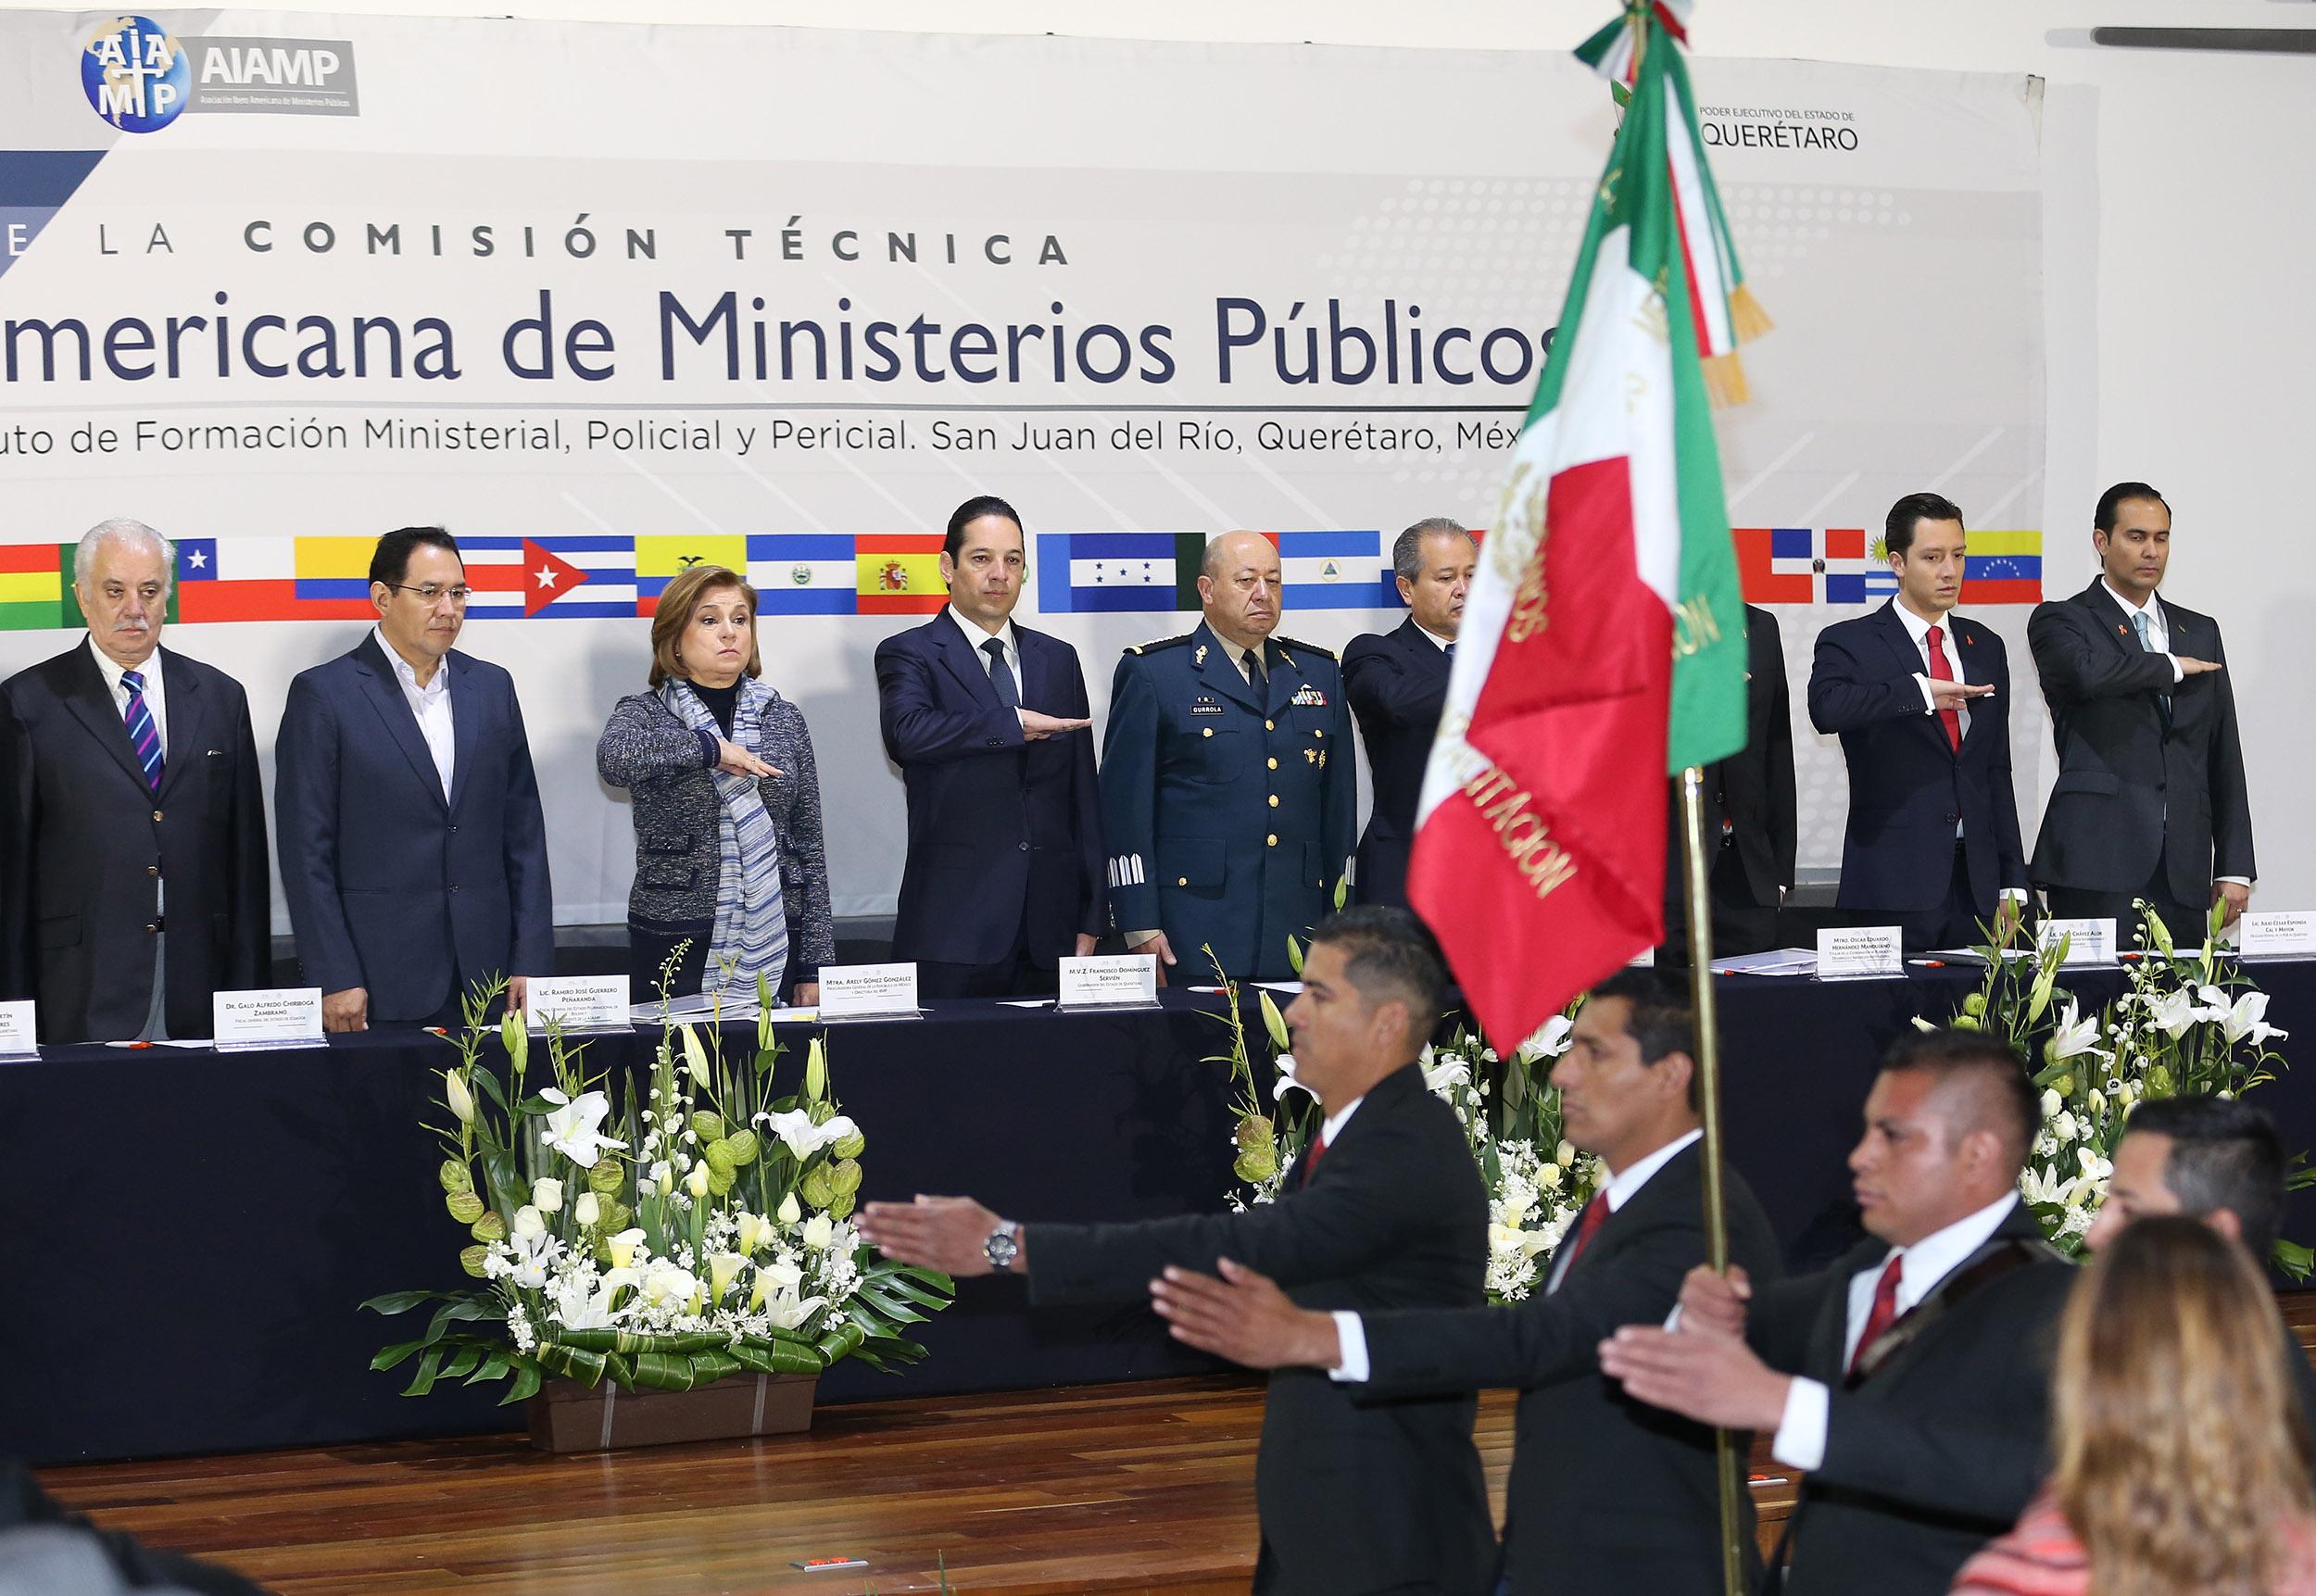 Primera Reunión de la Comisión Técnica de la AIAMP.